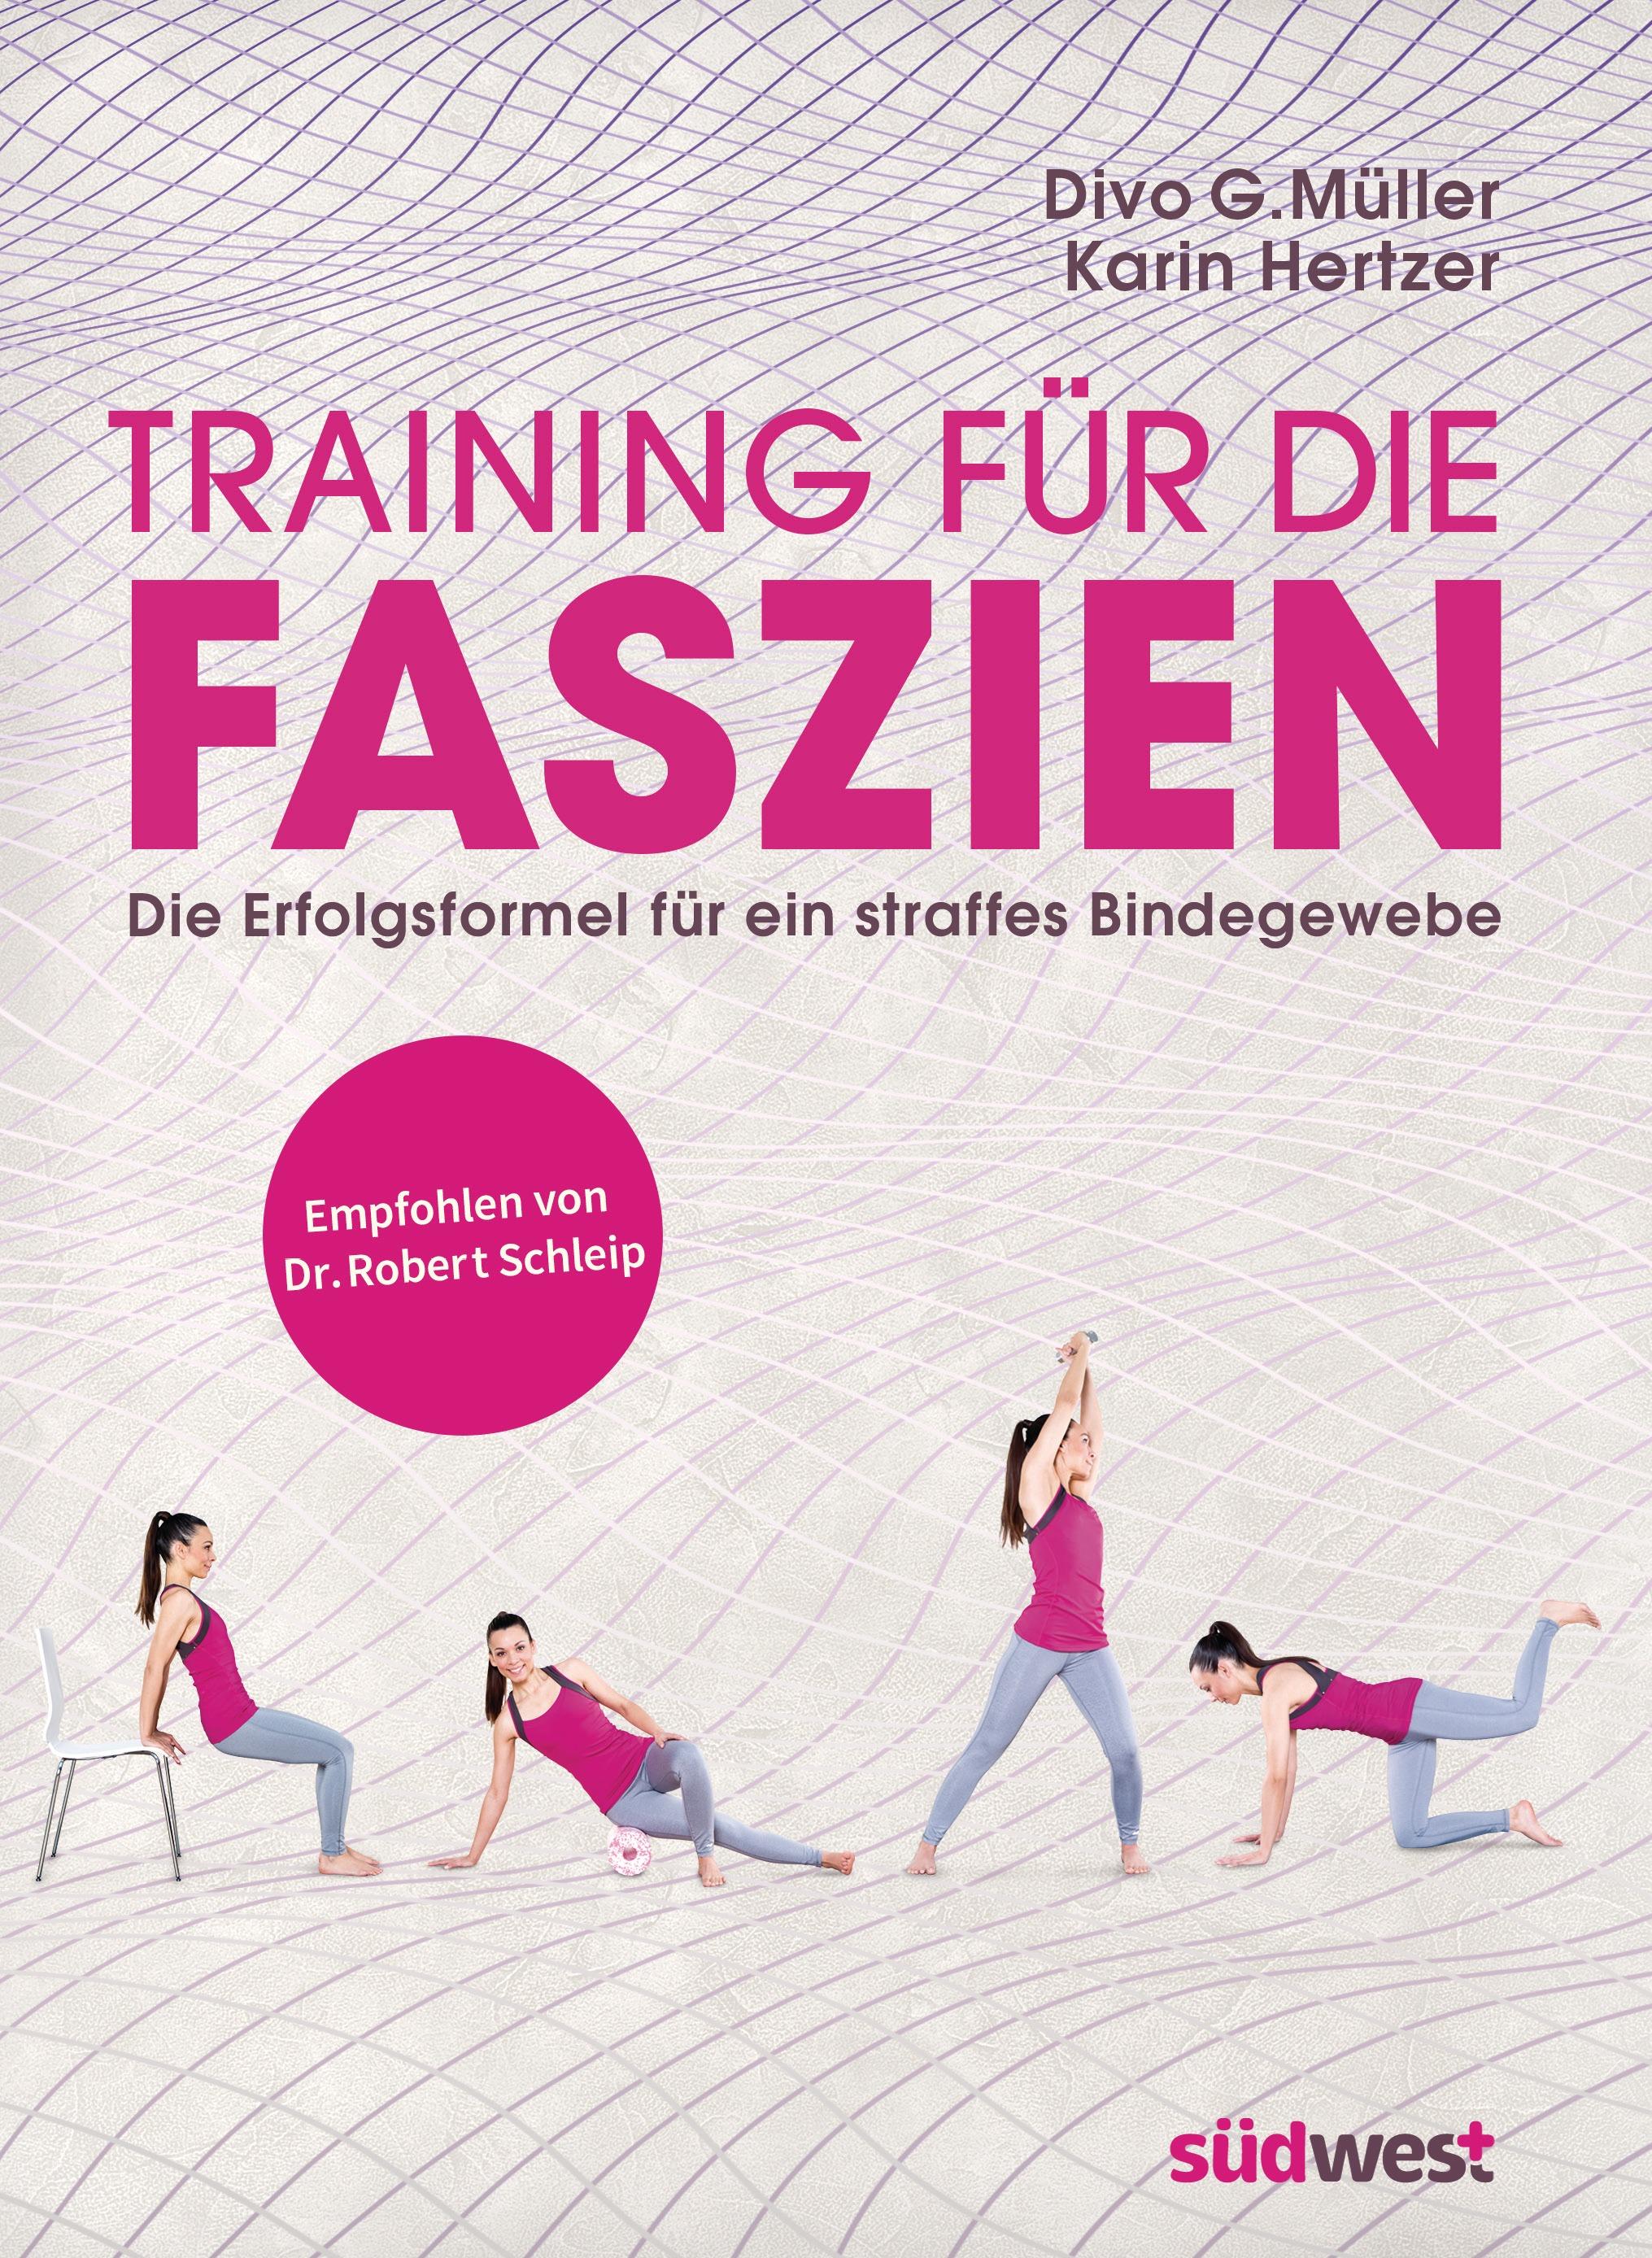 Training für die Faszien: Die Erfolgsformel für ein straffes Bindegewebe - Divo G. Müller